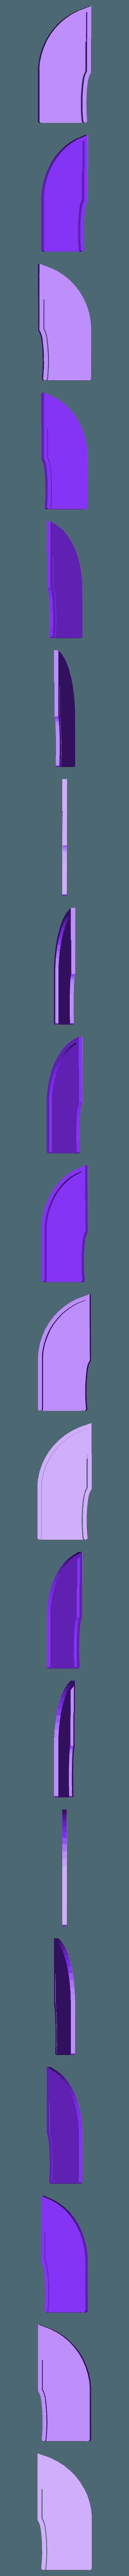 S1BasePlate.stl Télécharger fichier STL gratuit Gaine de base pour un couteau sur mesure (couteau inclus) • Design à imprimer en 3D, Milan_Gajic